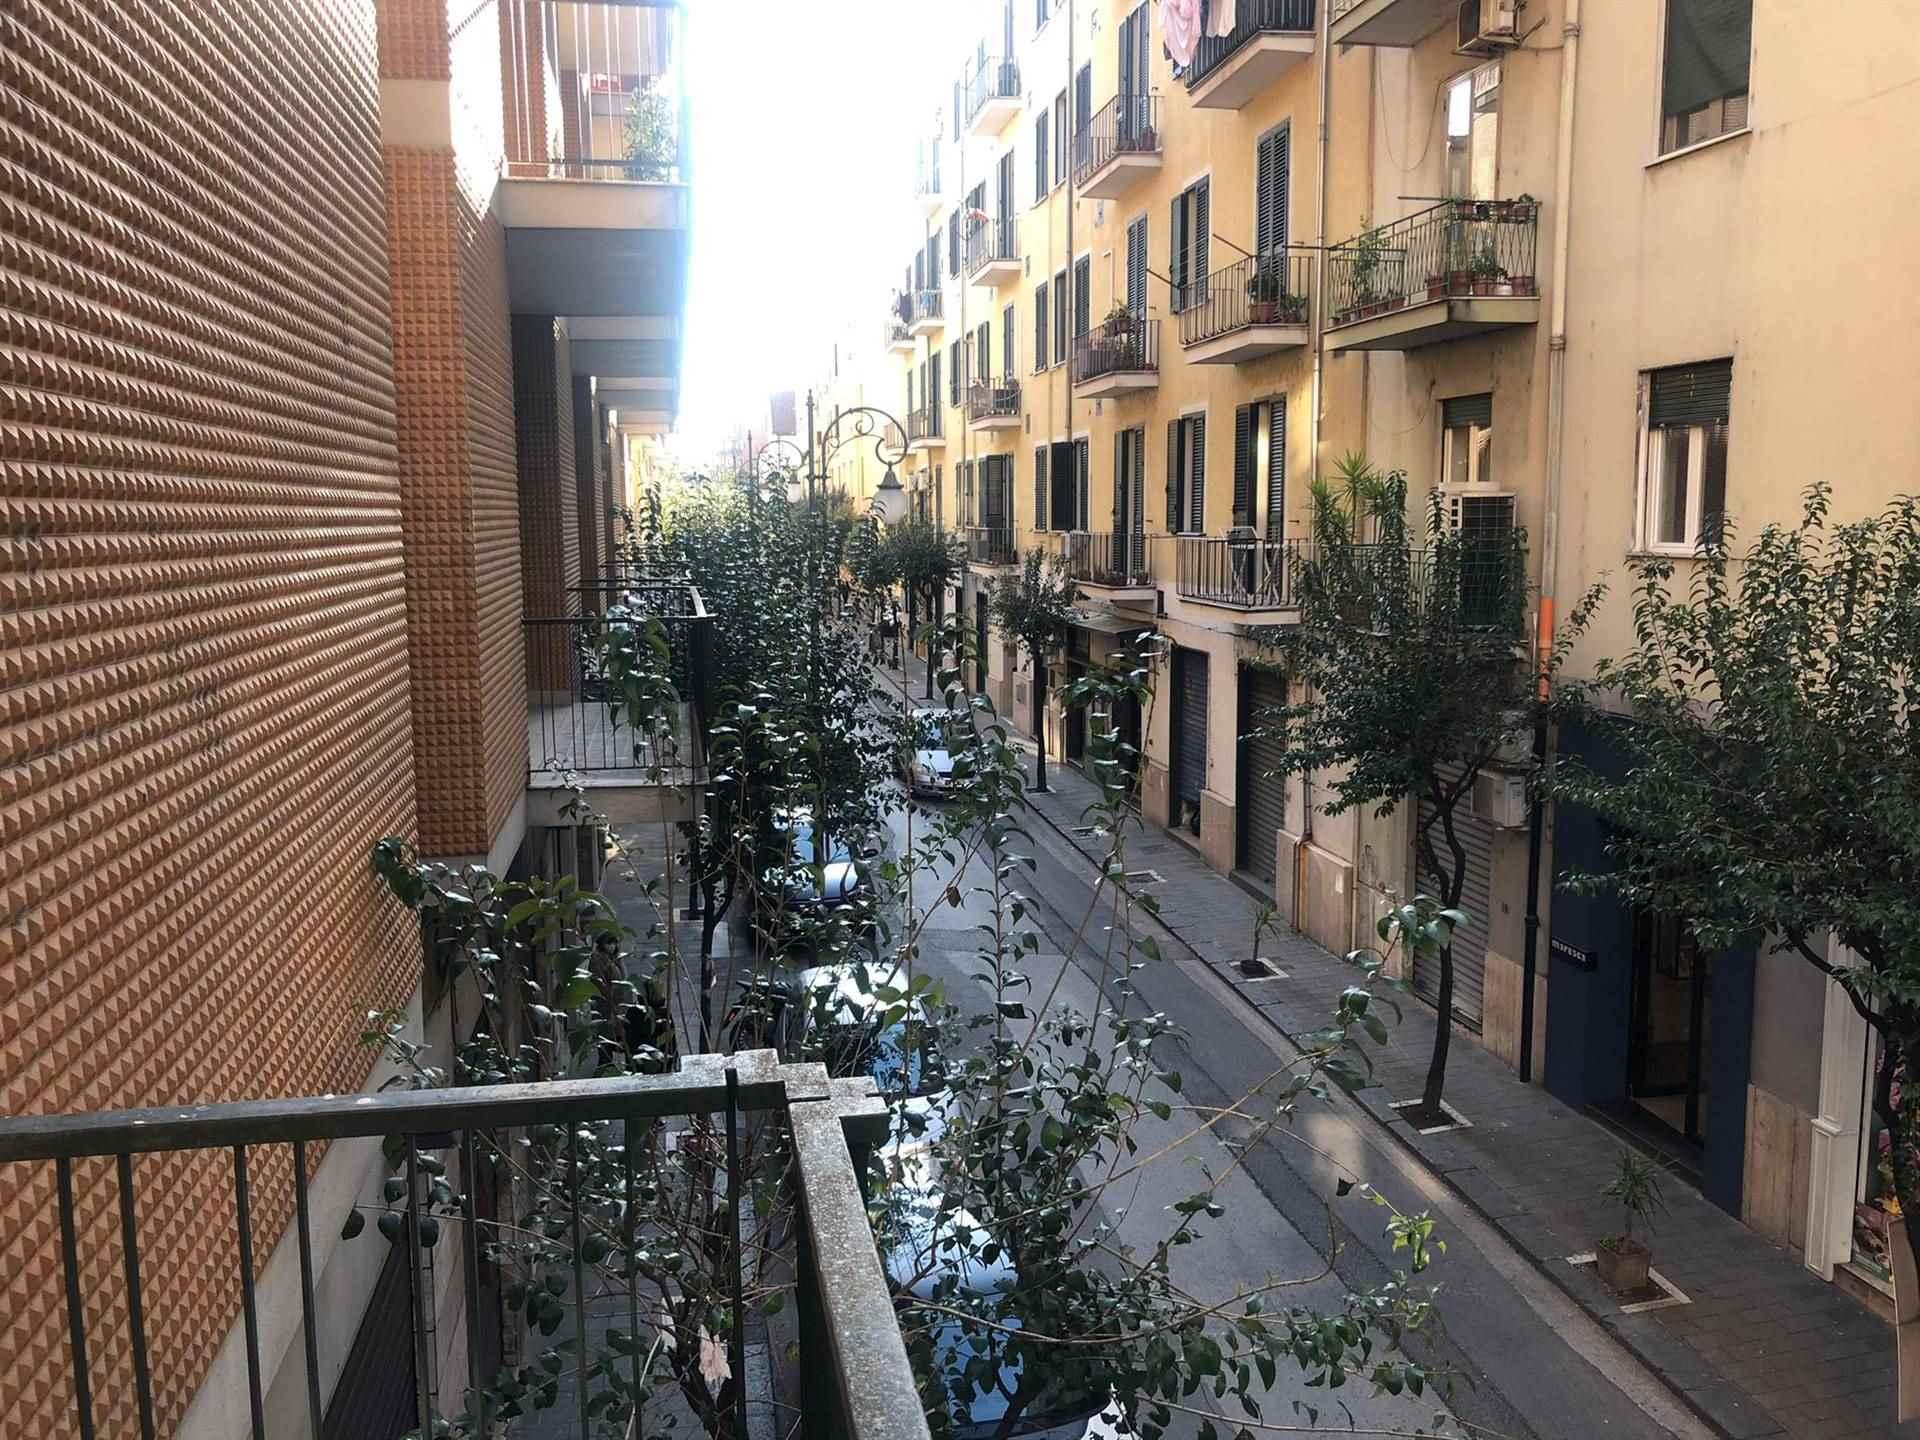 Salerno, Via Nizza- Nelle immediate vicinanze della Cittadella Giudiziaria e a poca distanza dallo Stadio Vestuti - in zona centrale, ricca di